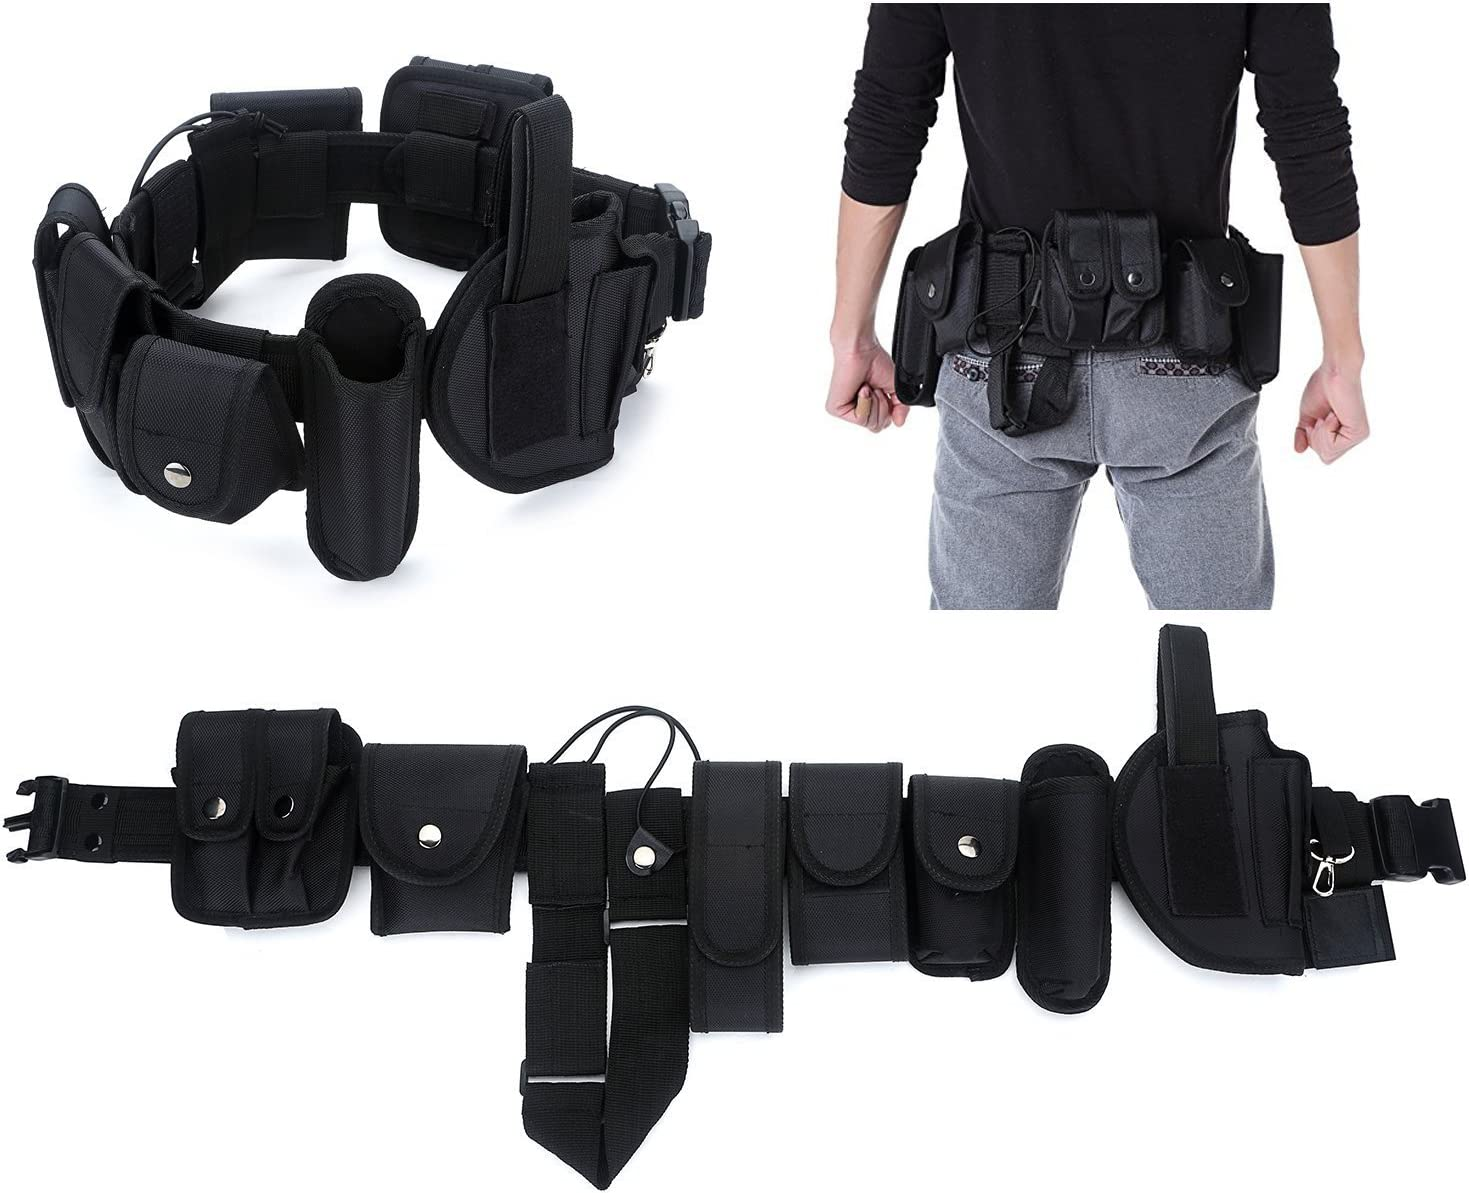 YAHILL® Cinturón Táctico de Utilidad, Seguro Equipo por Policía Yaplicación de la Ley, Equipo de Nylón para Trabajo Pesado Combate & Oficial, o Estuche de Esposas